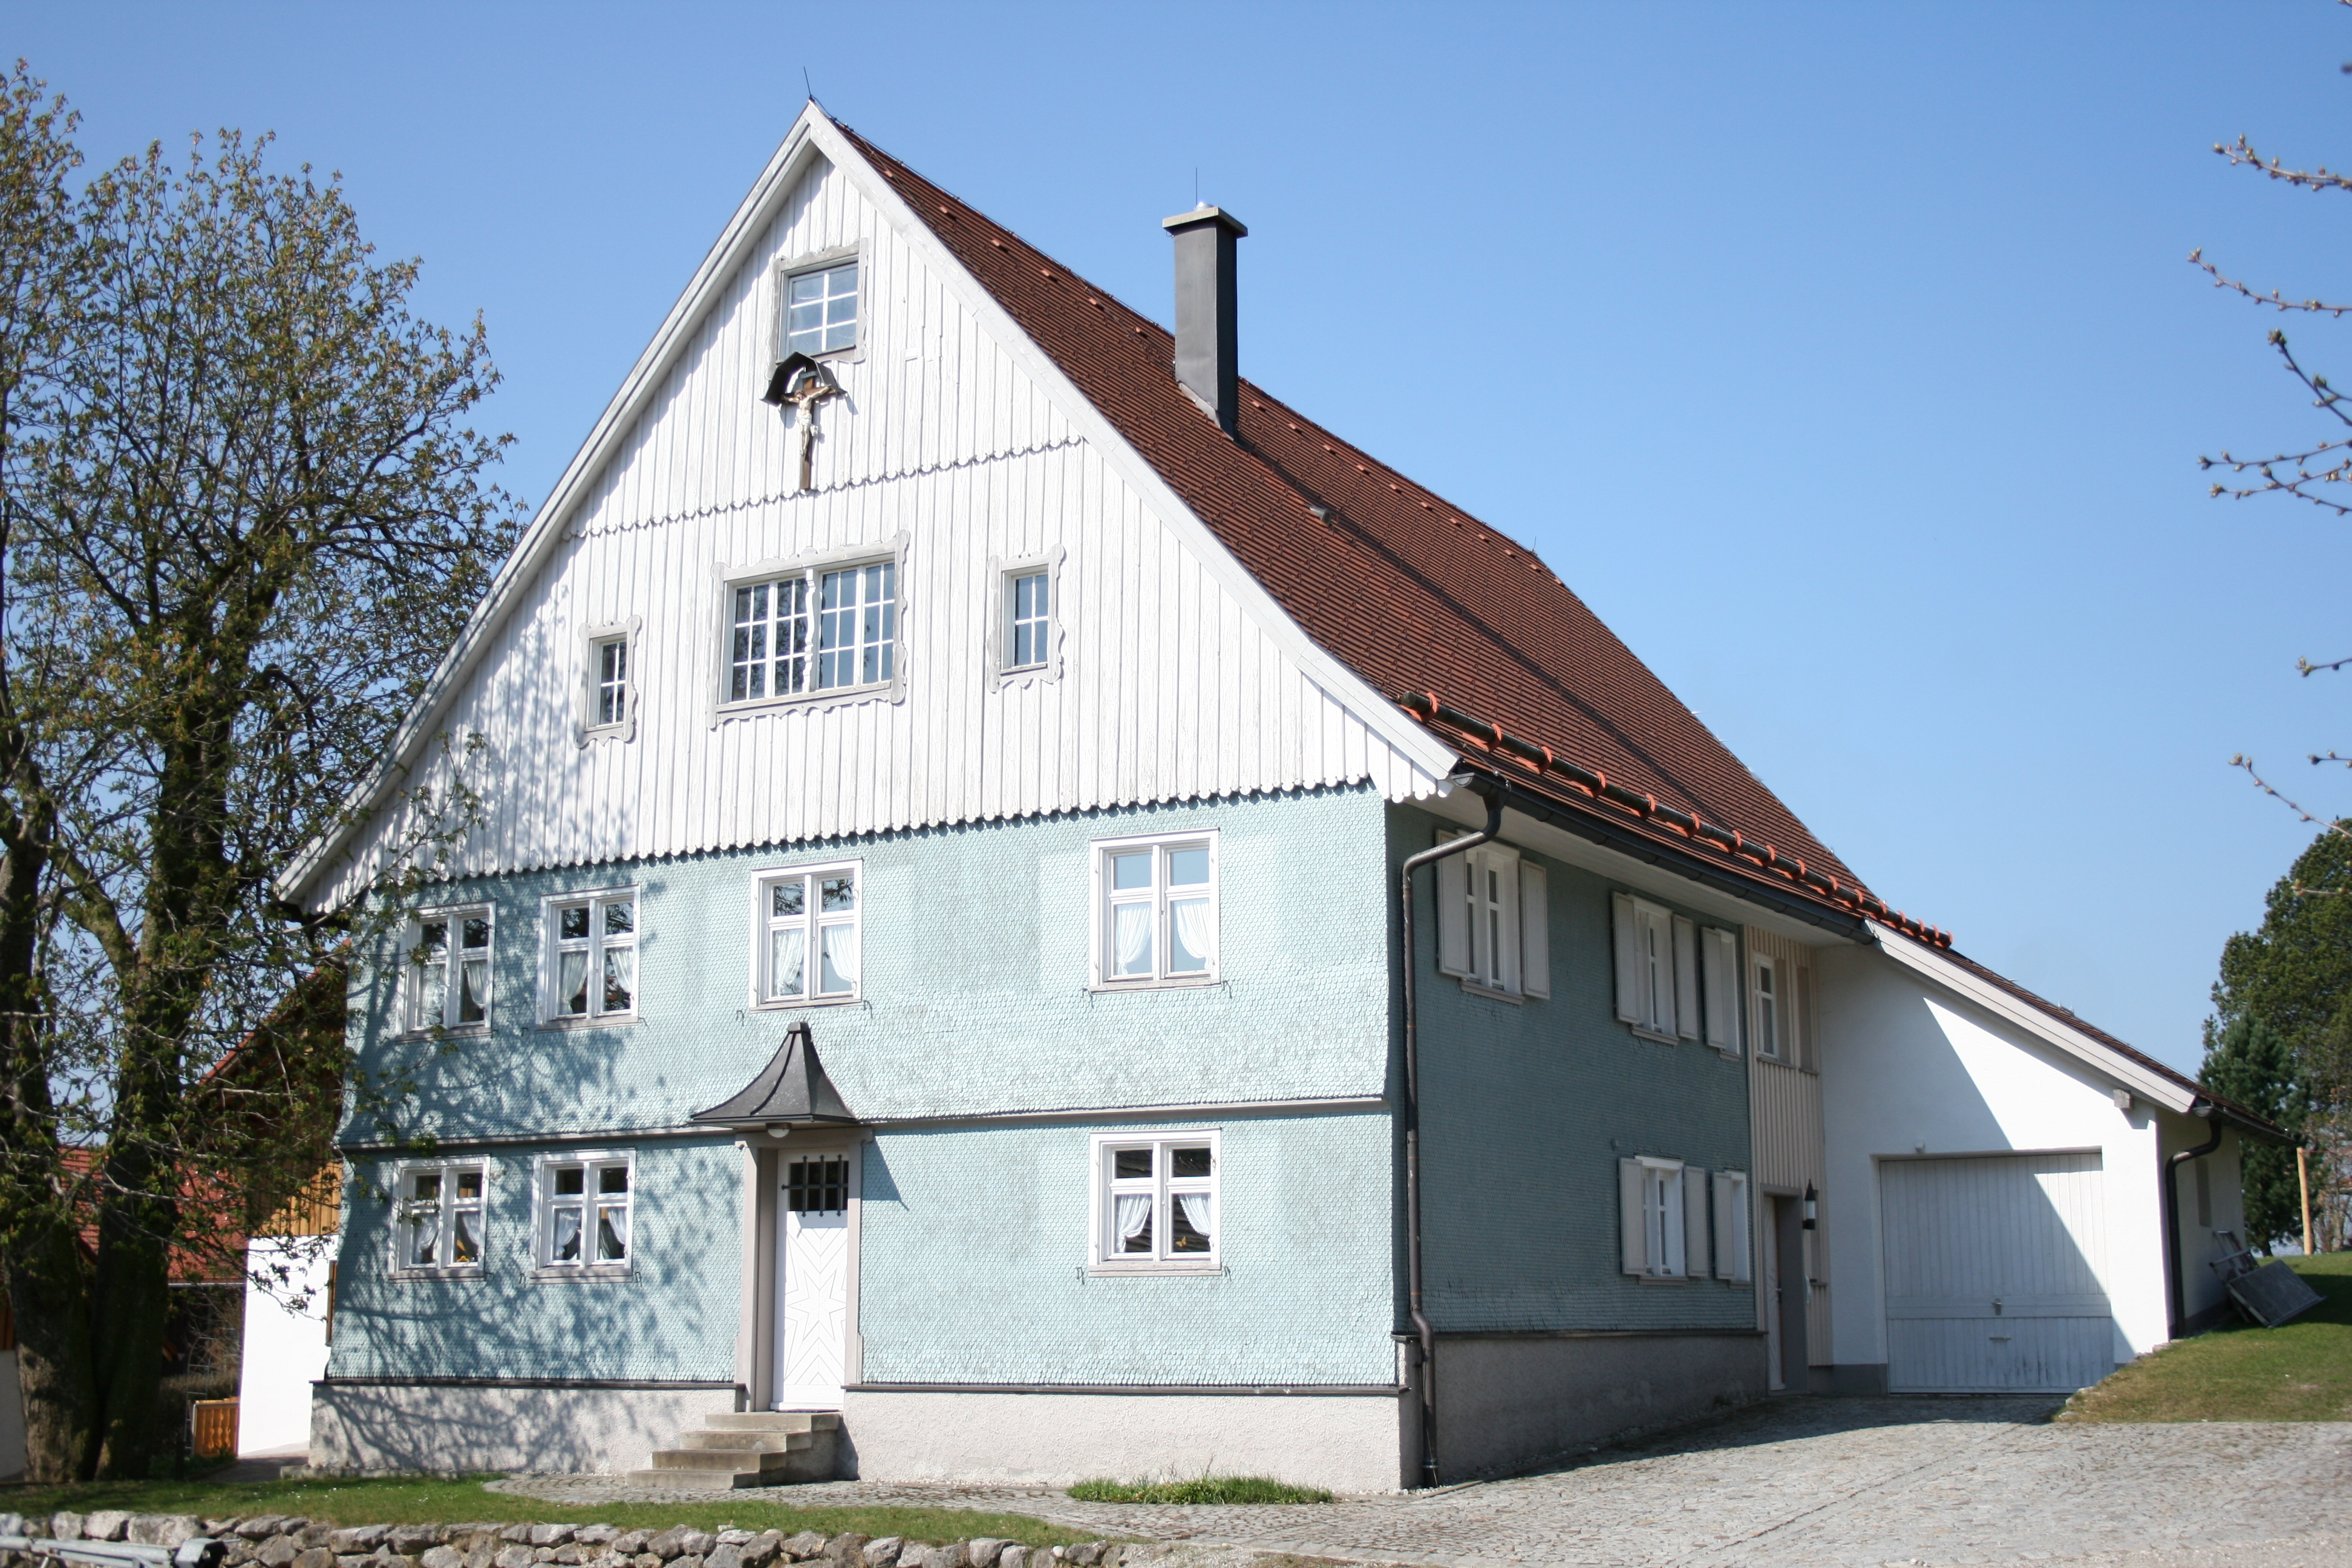 Pfarrhof (Bodelsberg)